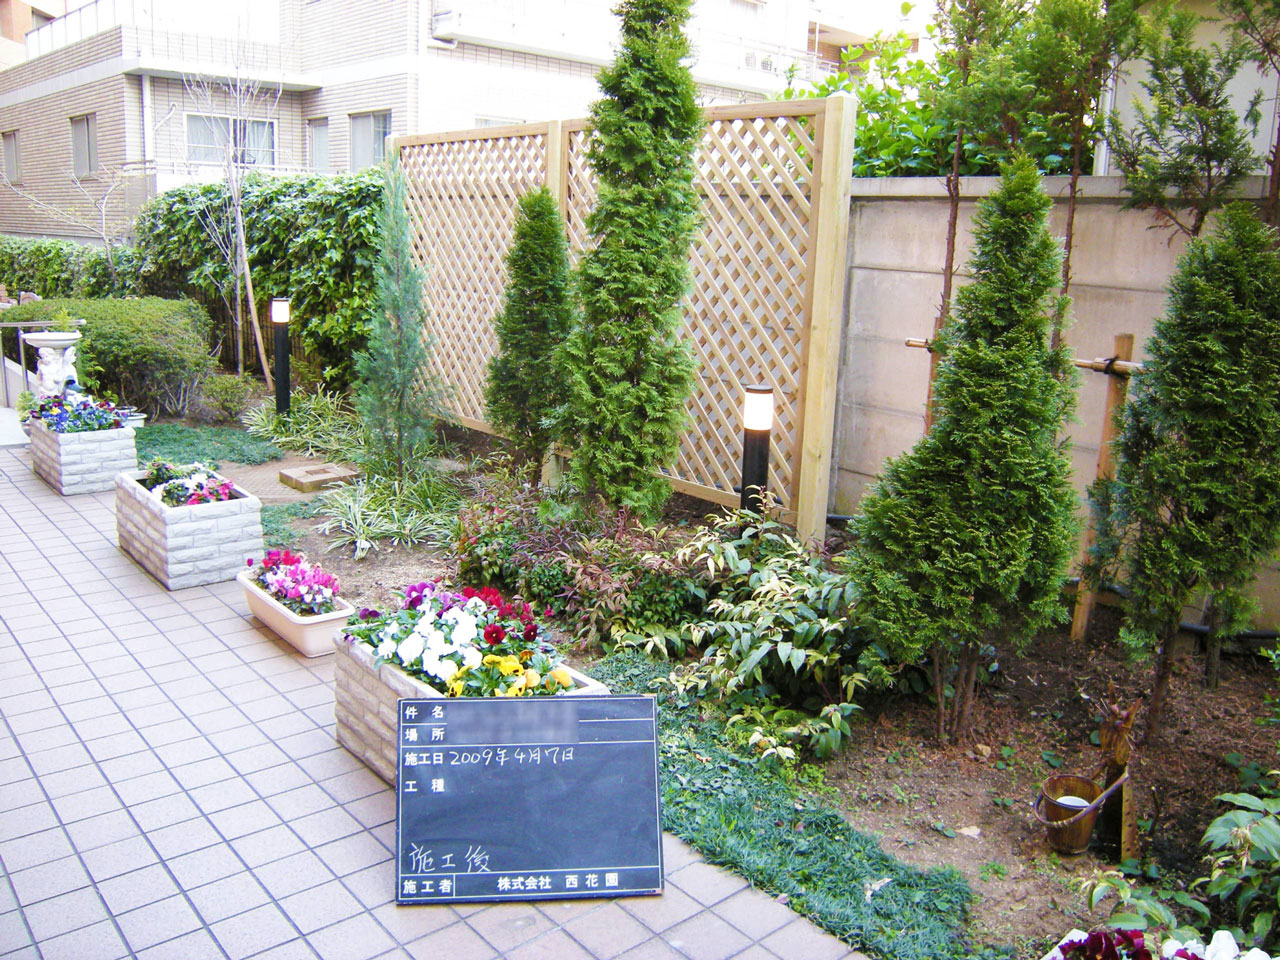 ウッドフェンス設置 | 株式会社西花園導入実績